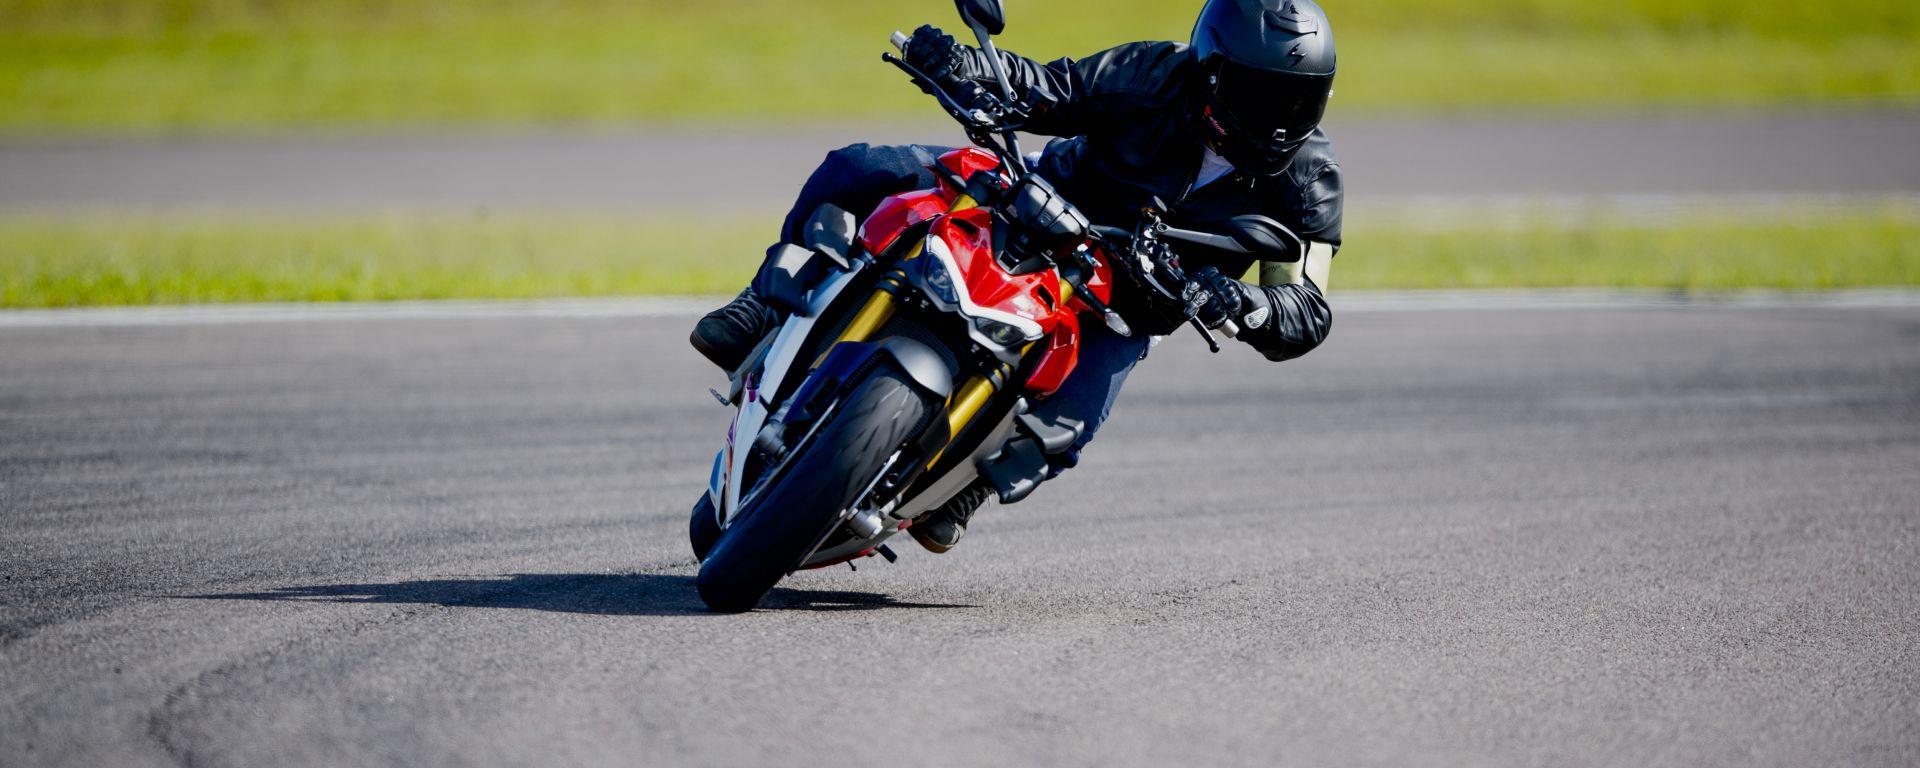 A scuola di guida con la Ducati Streetfighter V4? Facilissimo